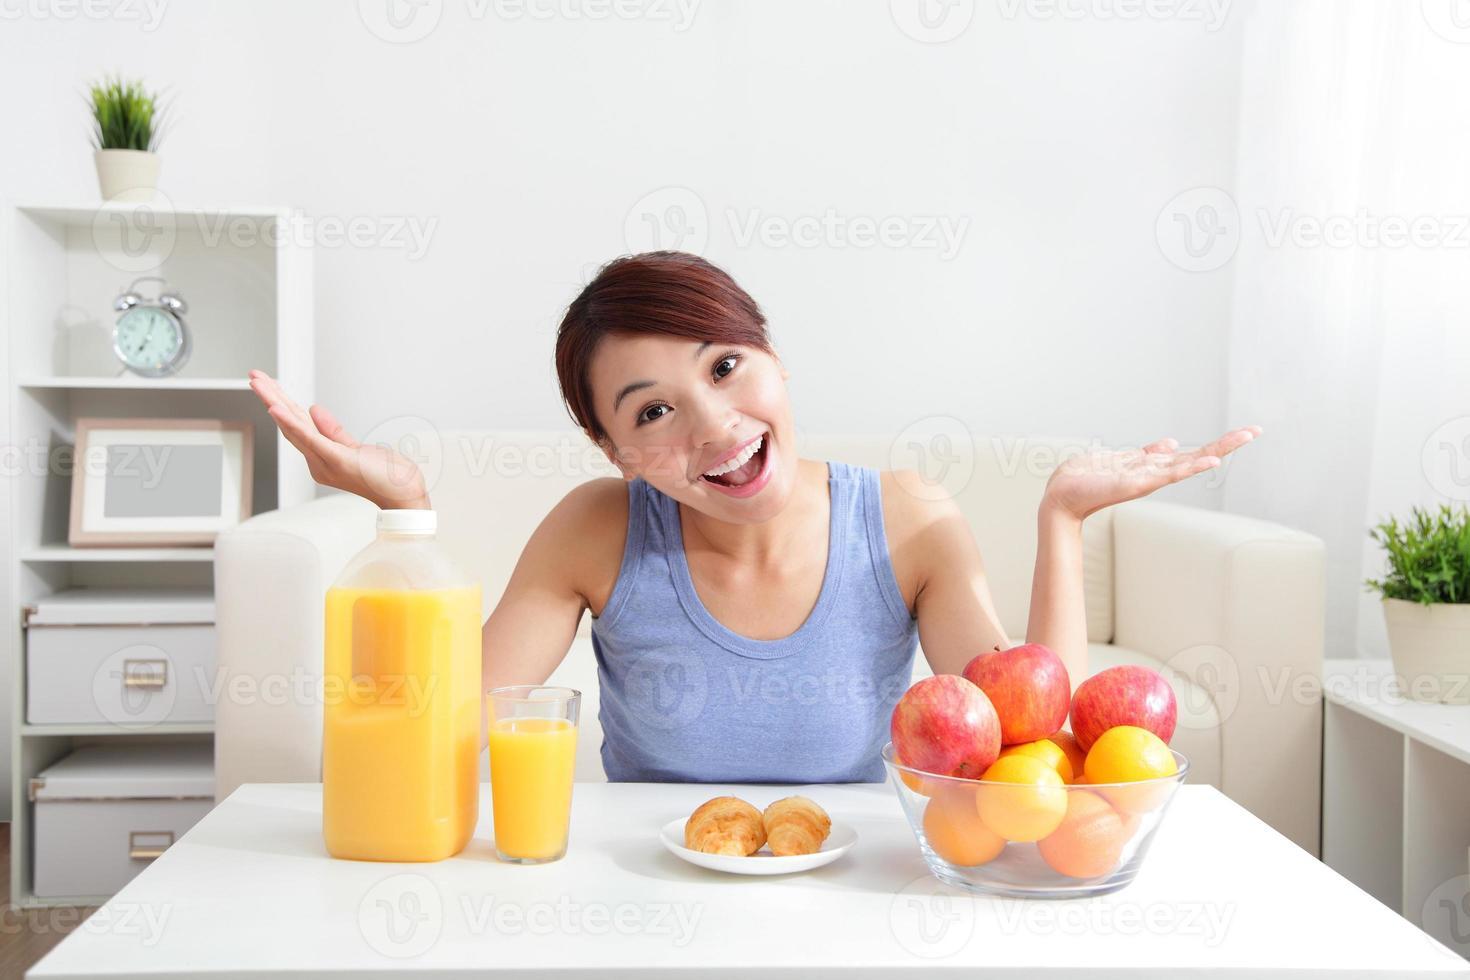 donna allegra che beve un succo d'arancia foto